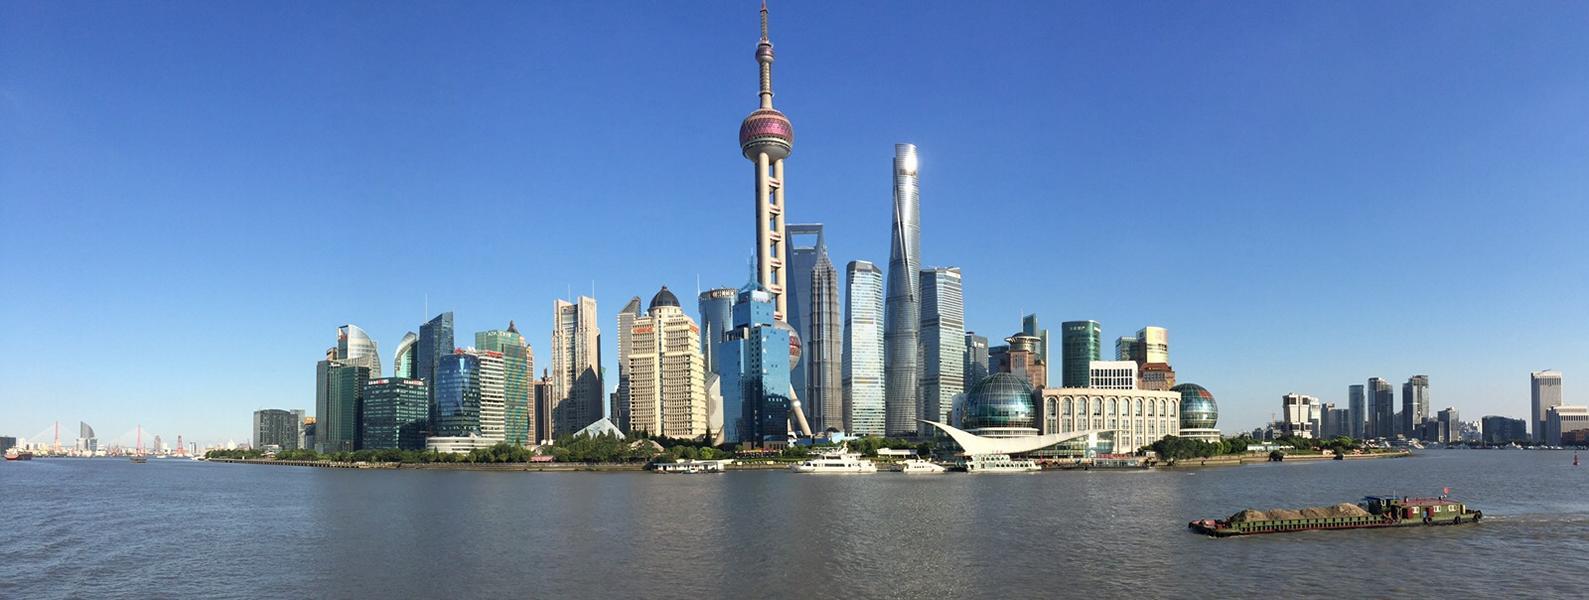 China1501